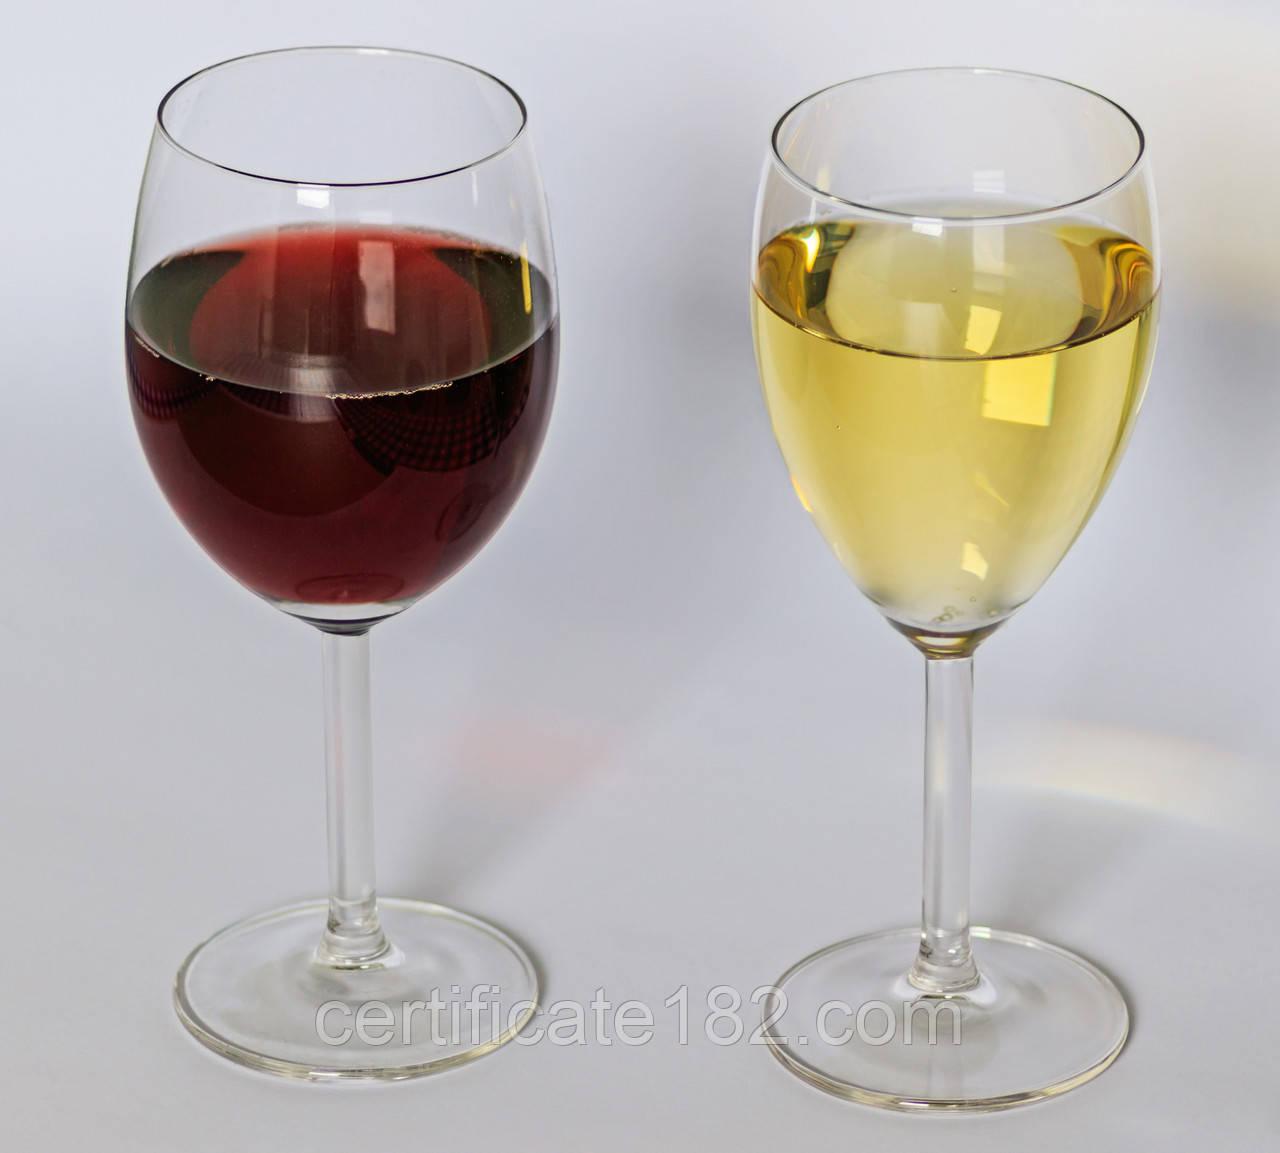 Закон о развитии производства терруарних вин и натуральных медовых напитков